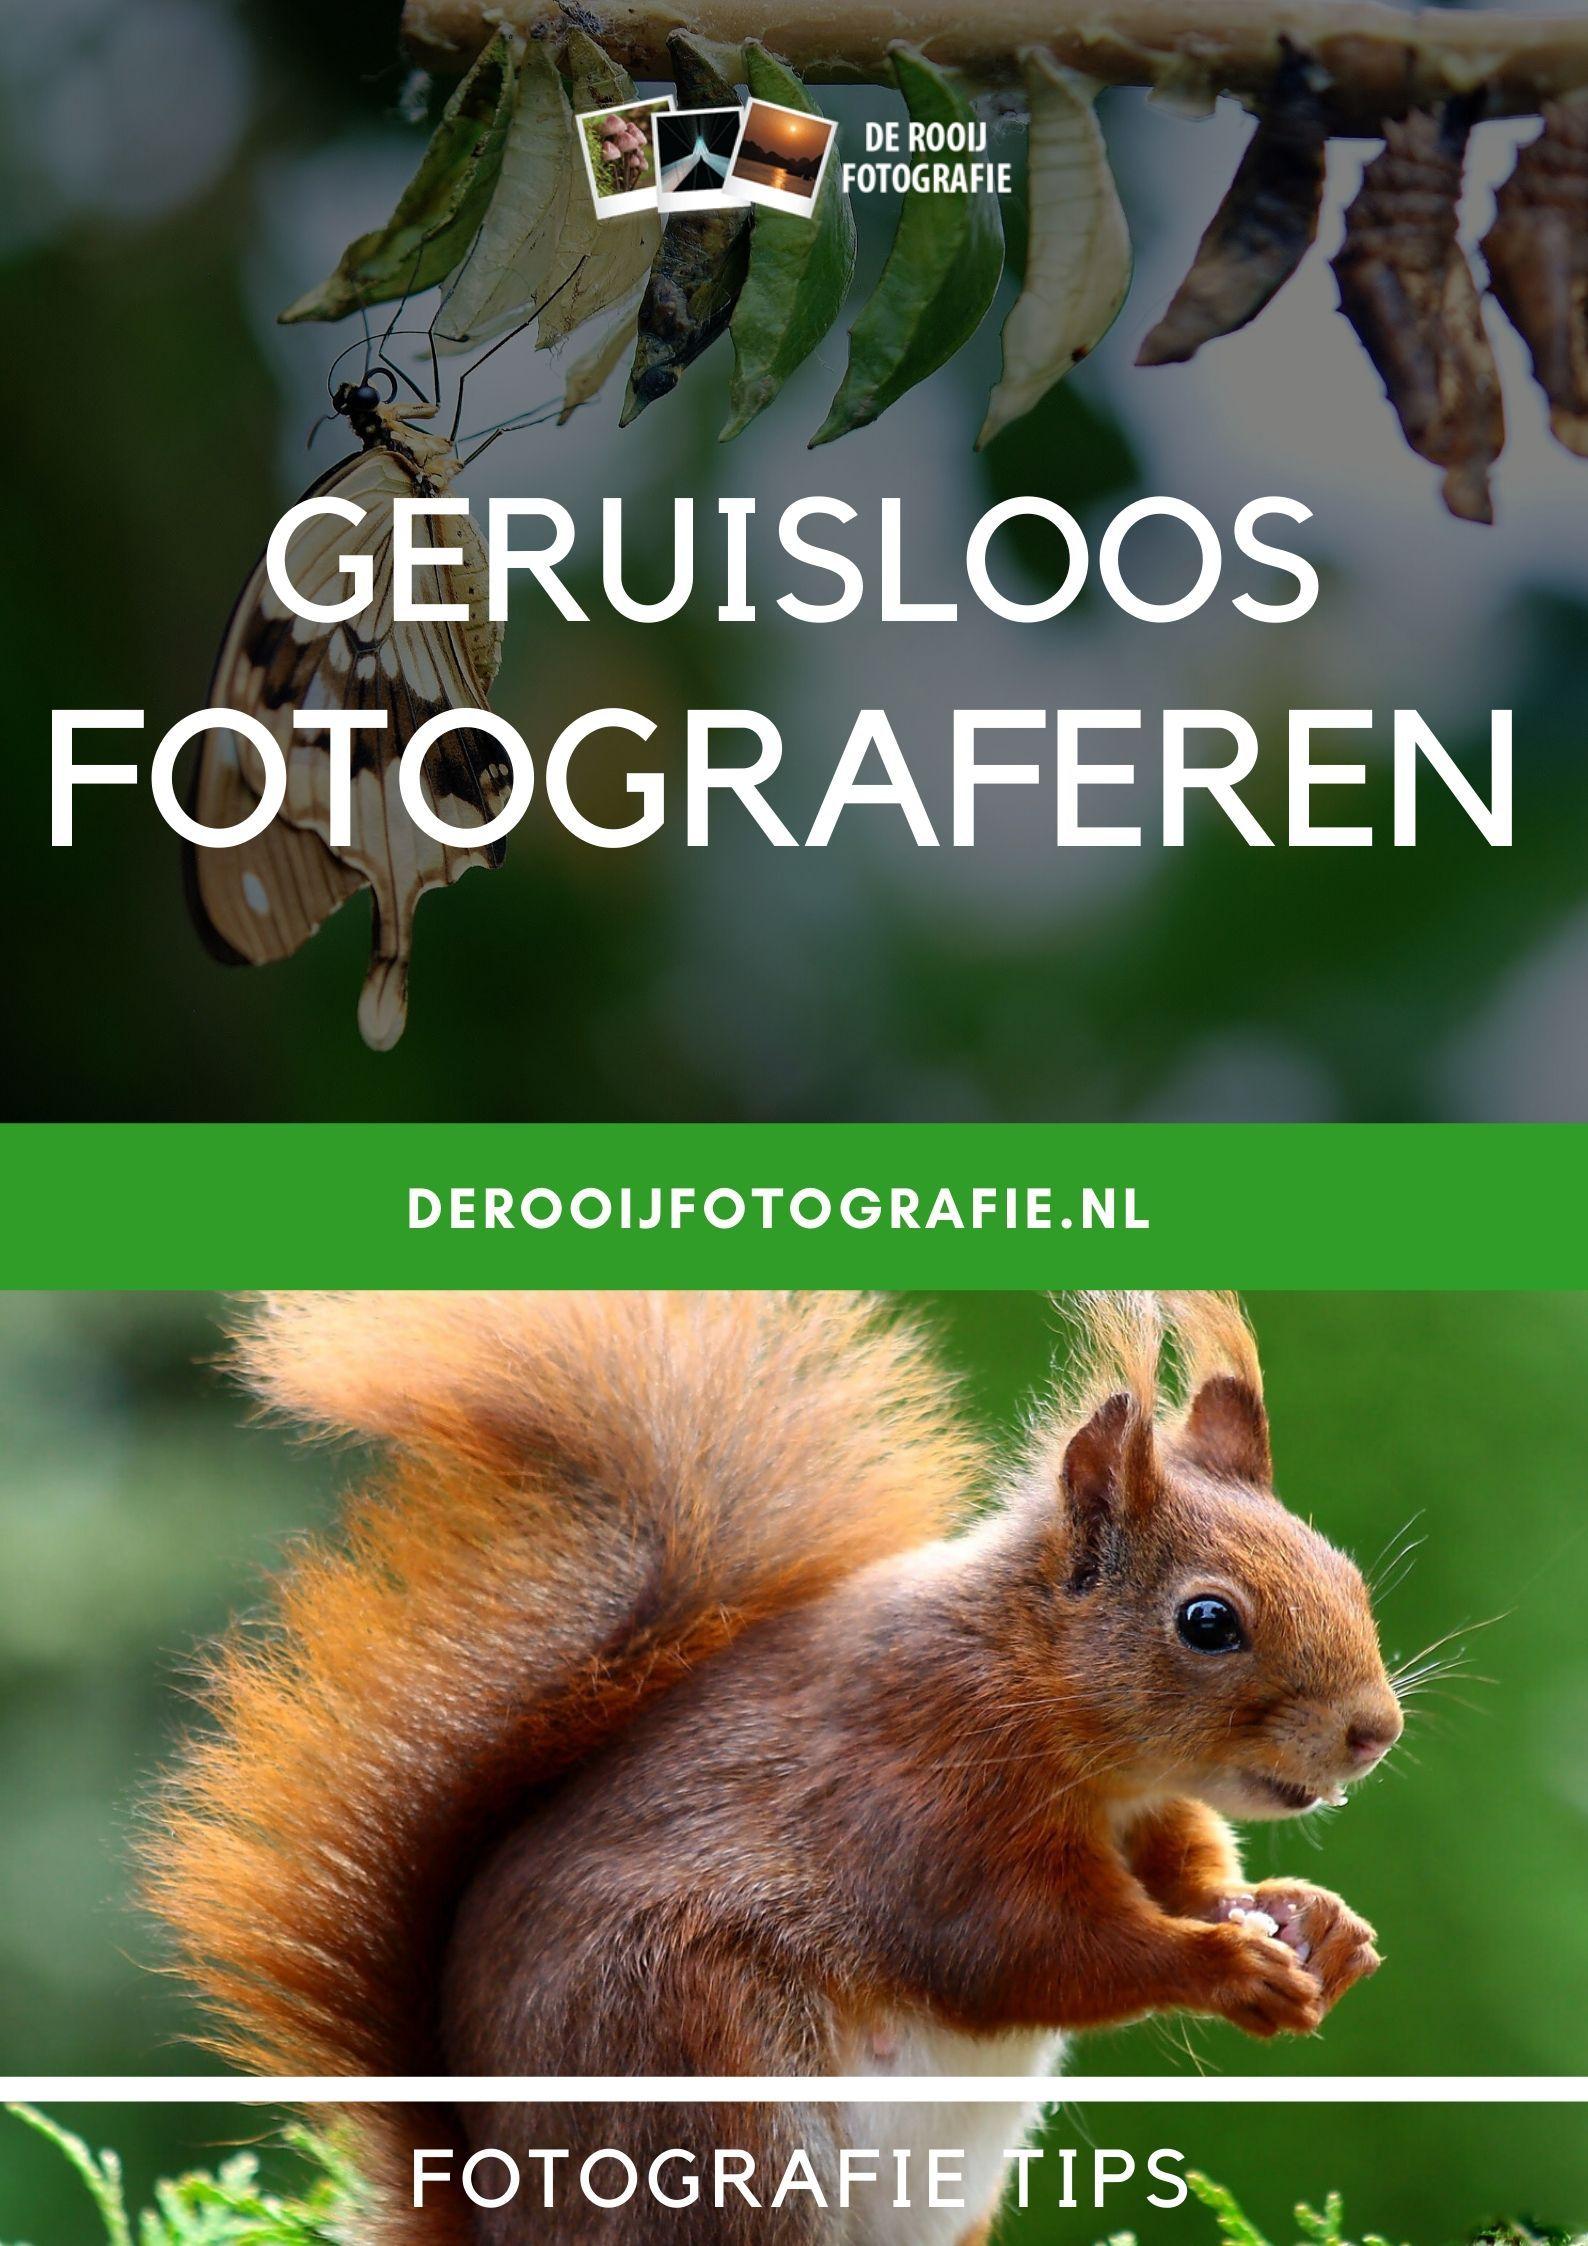 Fotograferen Zonder Geluid Te Maken De Rooij Fotografie Fotografie Portretfotografie Fotobewerking